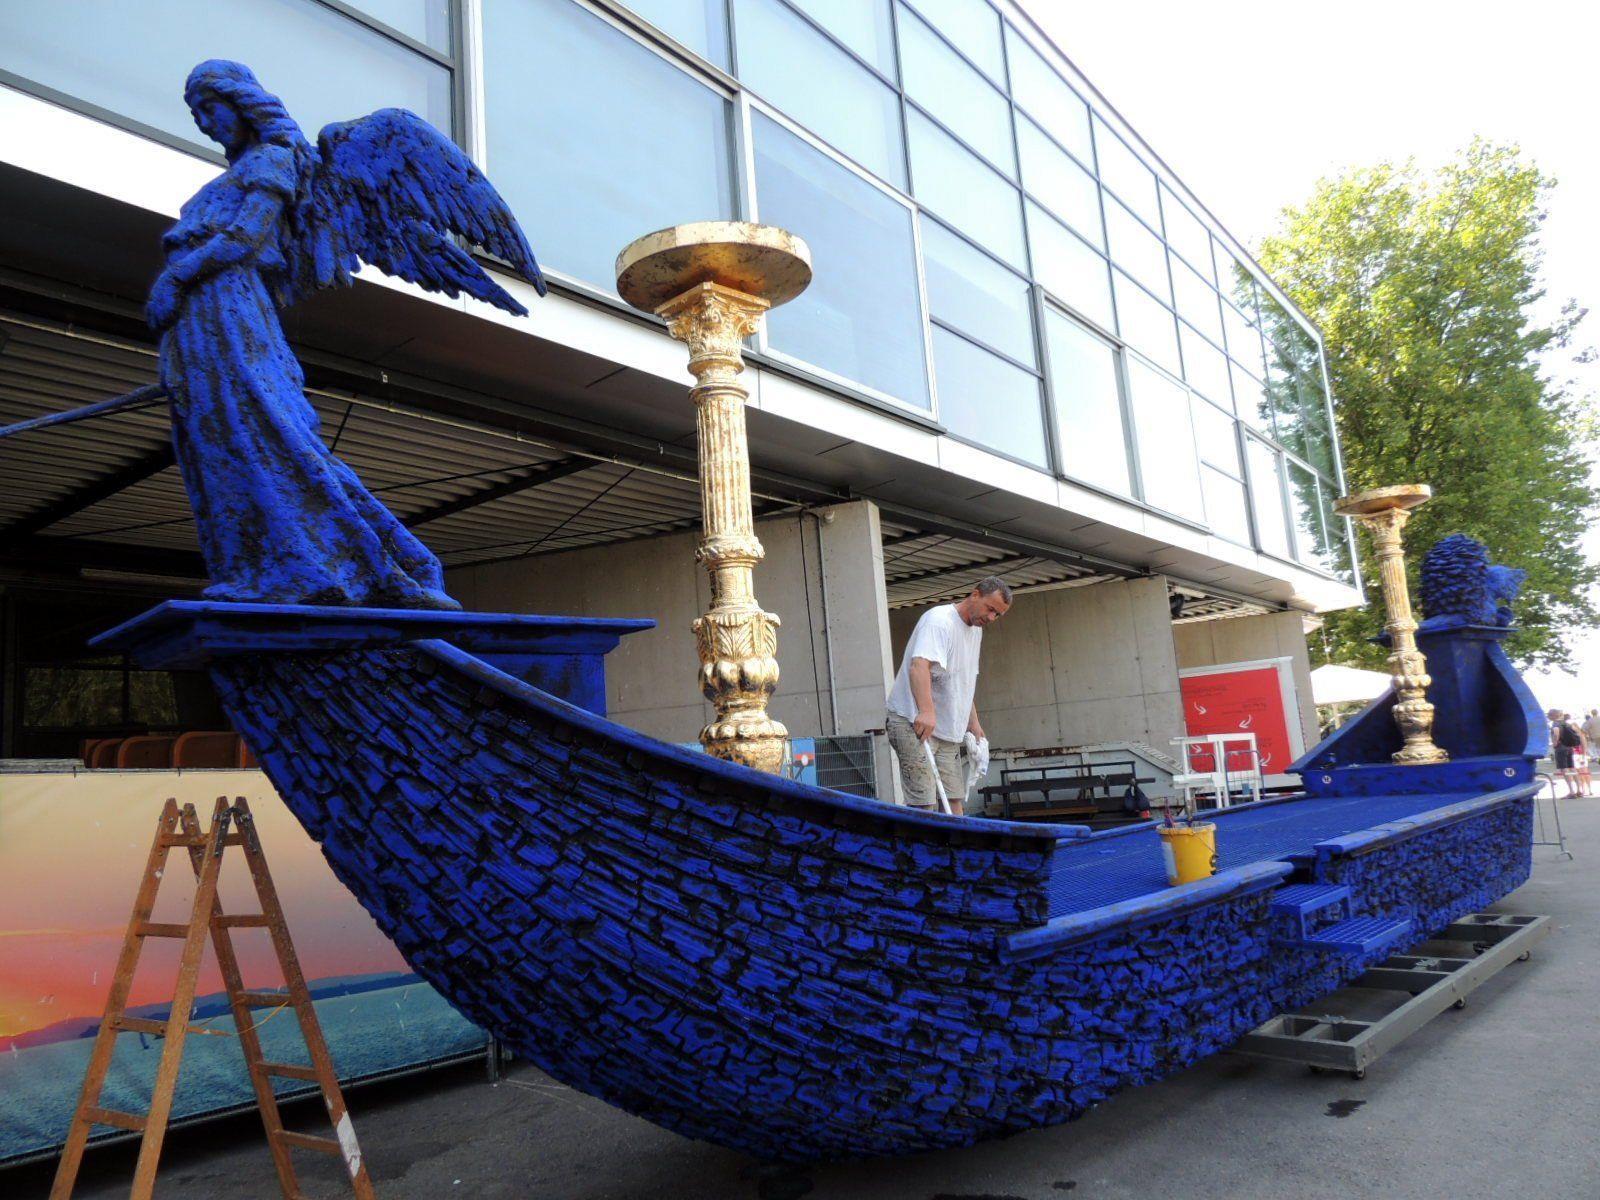 Das Boot der Königin der Nacht erhielt eine auffallende Blaufärbung